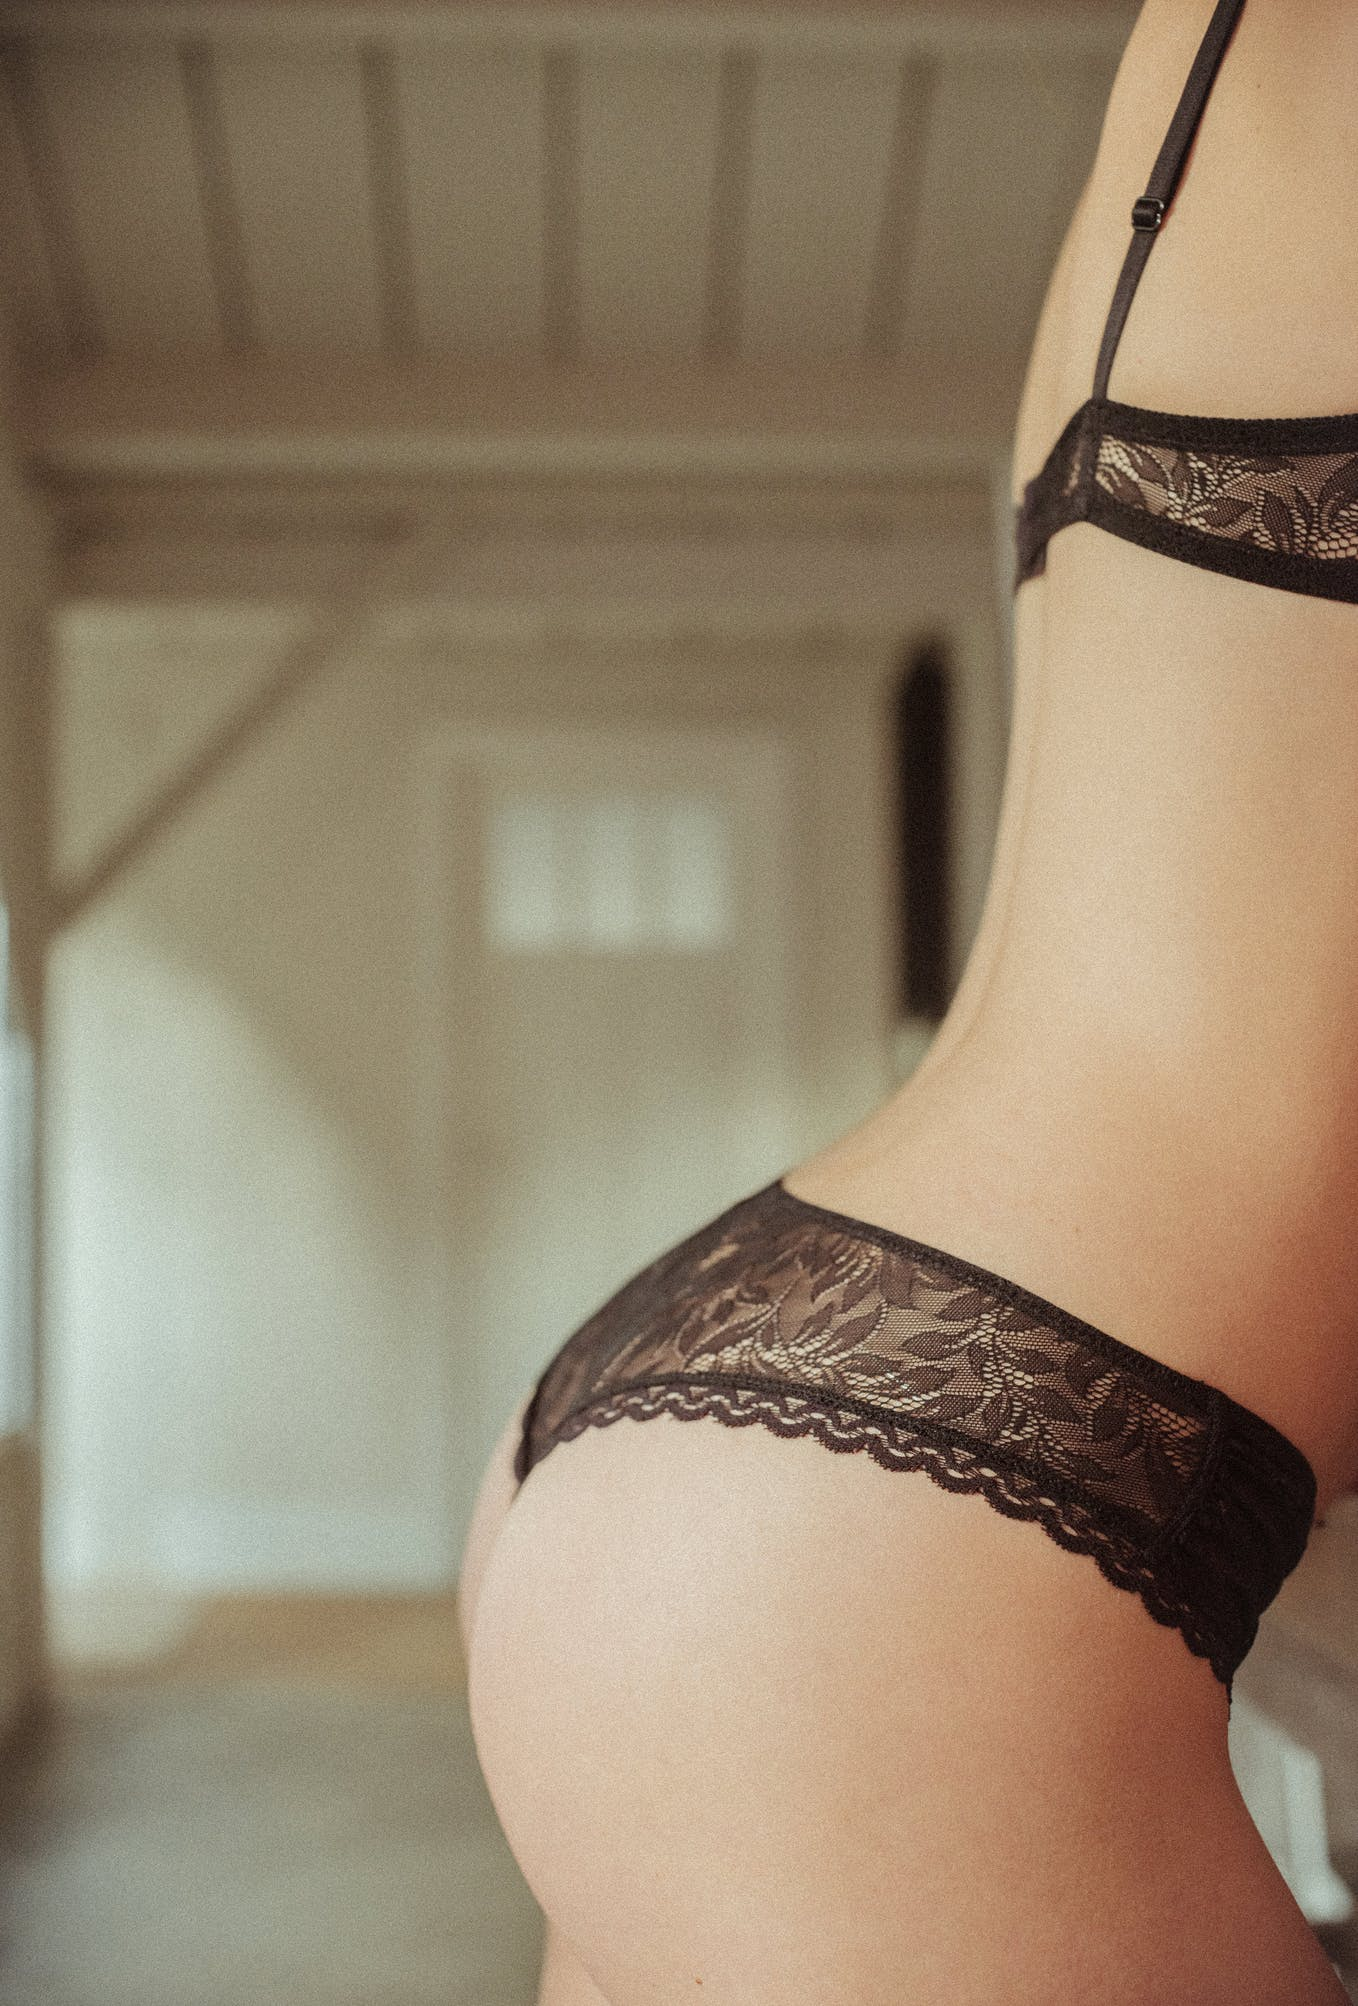 Les flots du coeur Tanga briefs in black lace